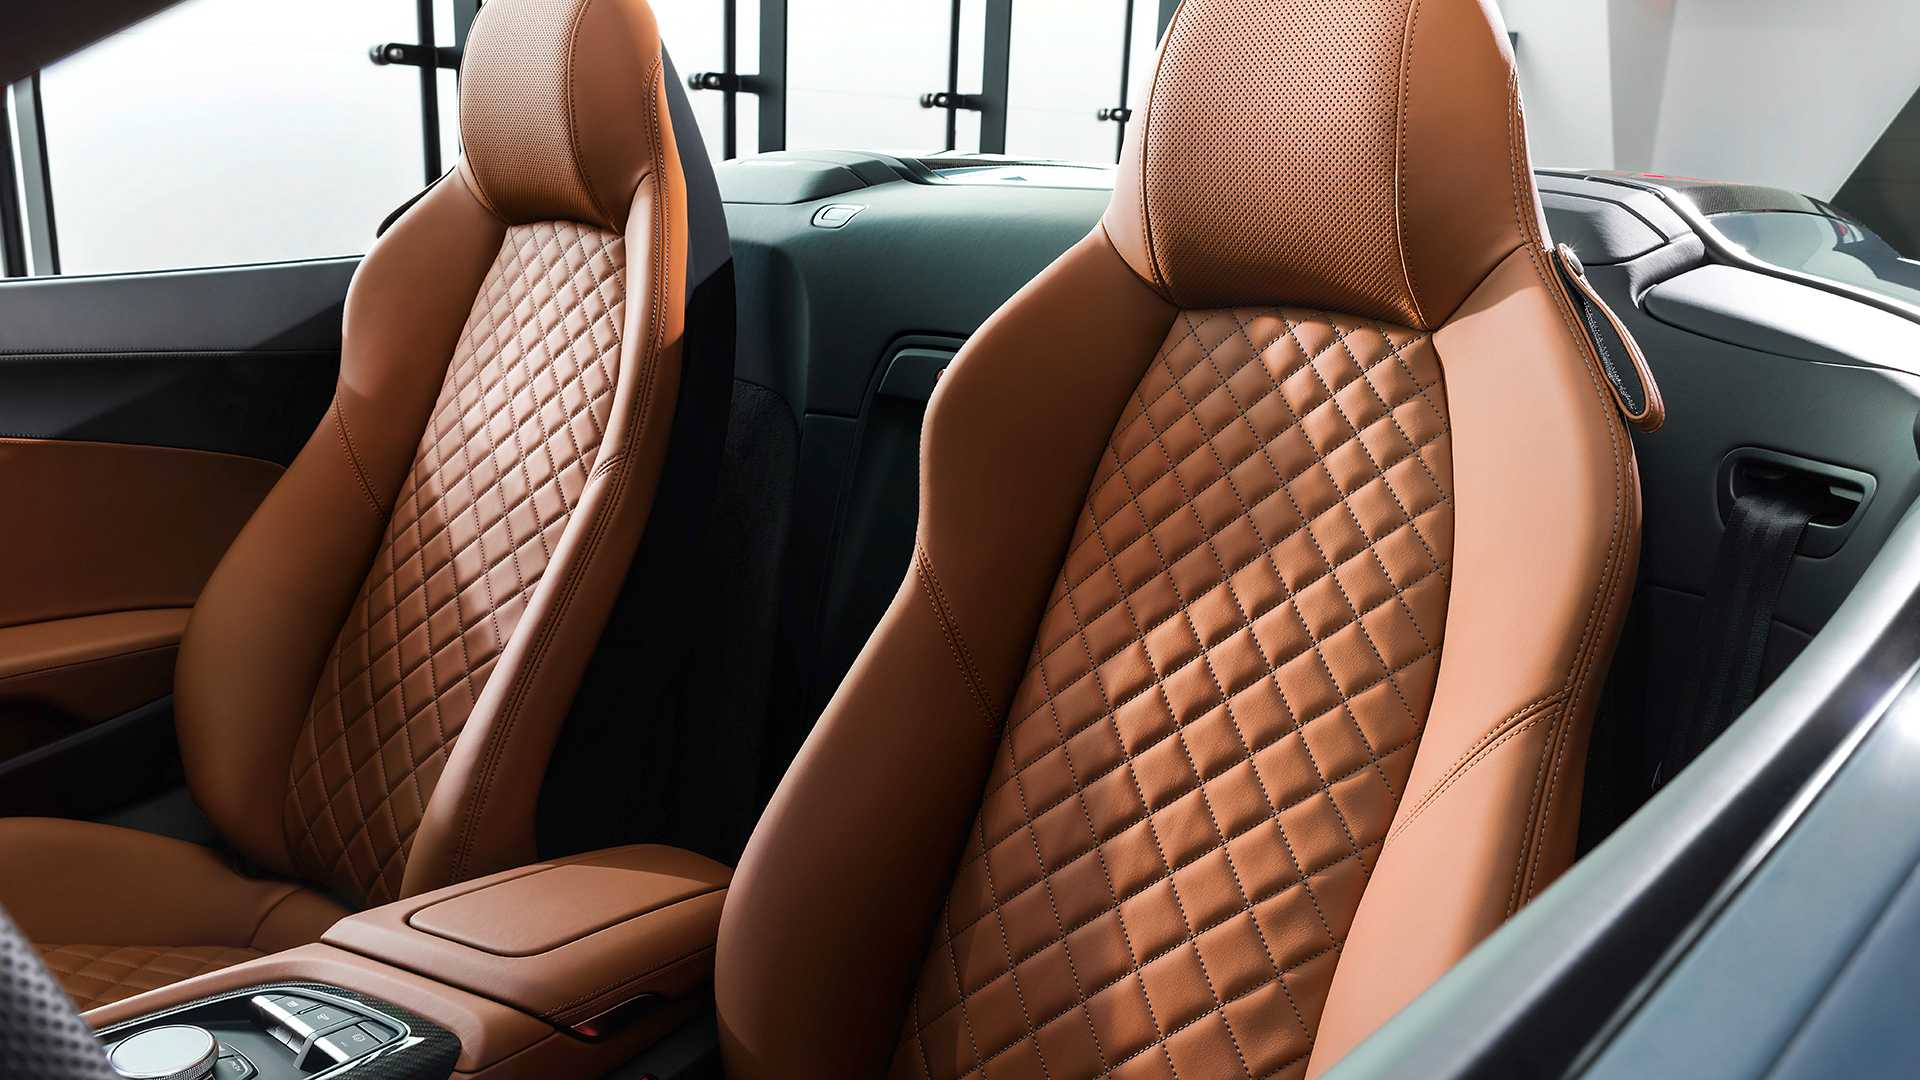 Siêu xe Audi R8 2019 bất ngờ lộ diện – Thay đổi để tiếp tục tồn tại hay vùng vẫy trước khi chết